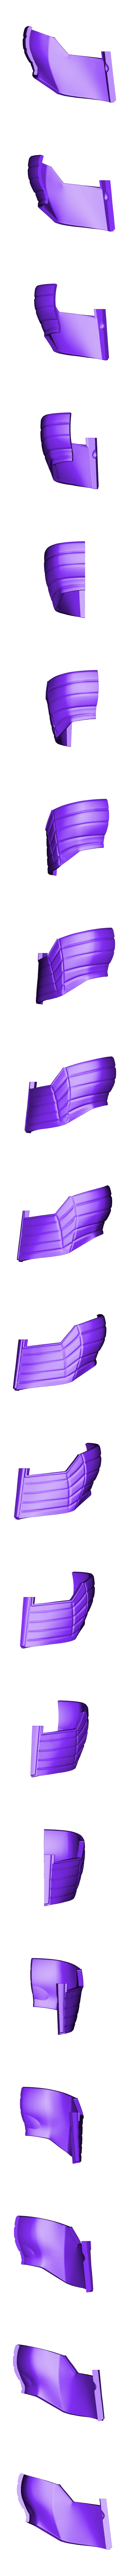 Destroyer01.stl Download STL file Destroyer Helmet from Marvel 3D print model • 3D printer object, Bstar3Dart